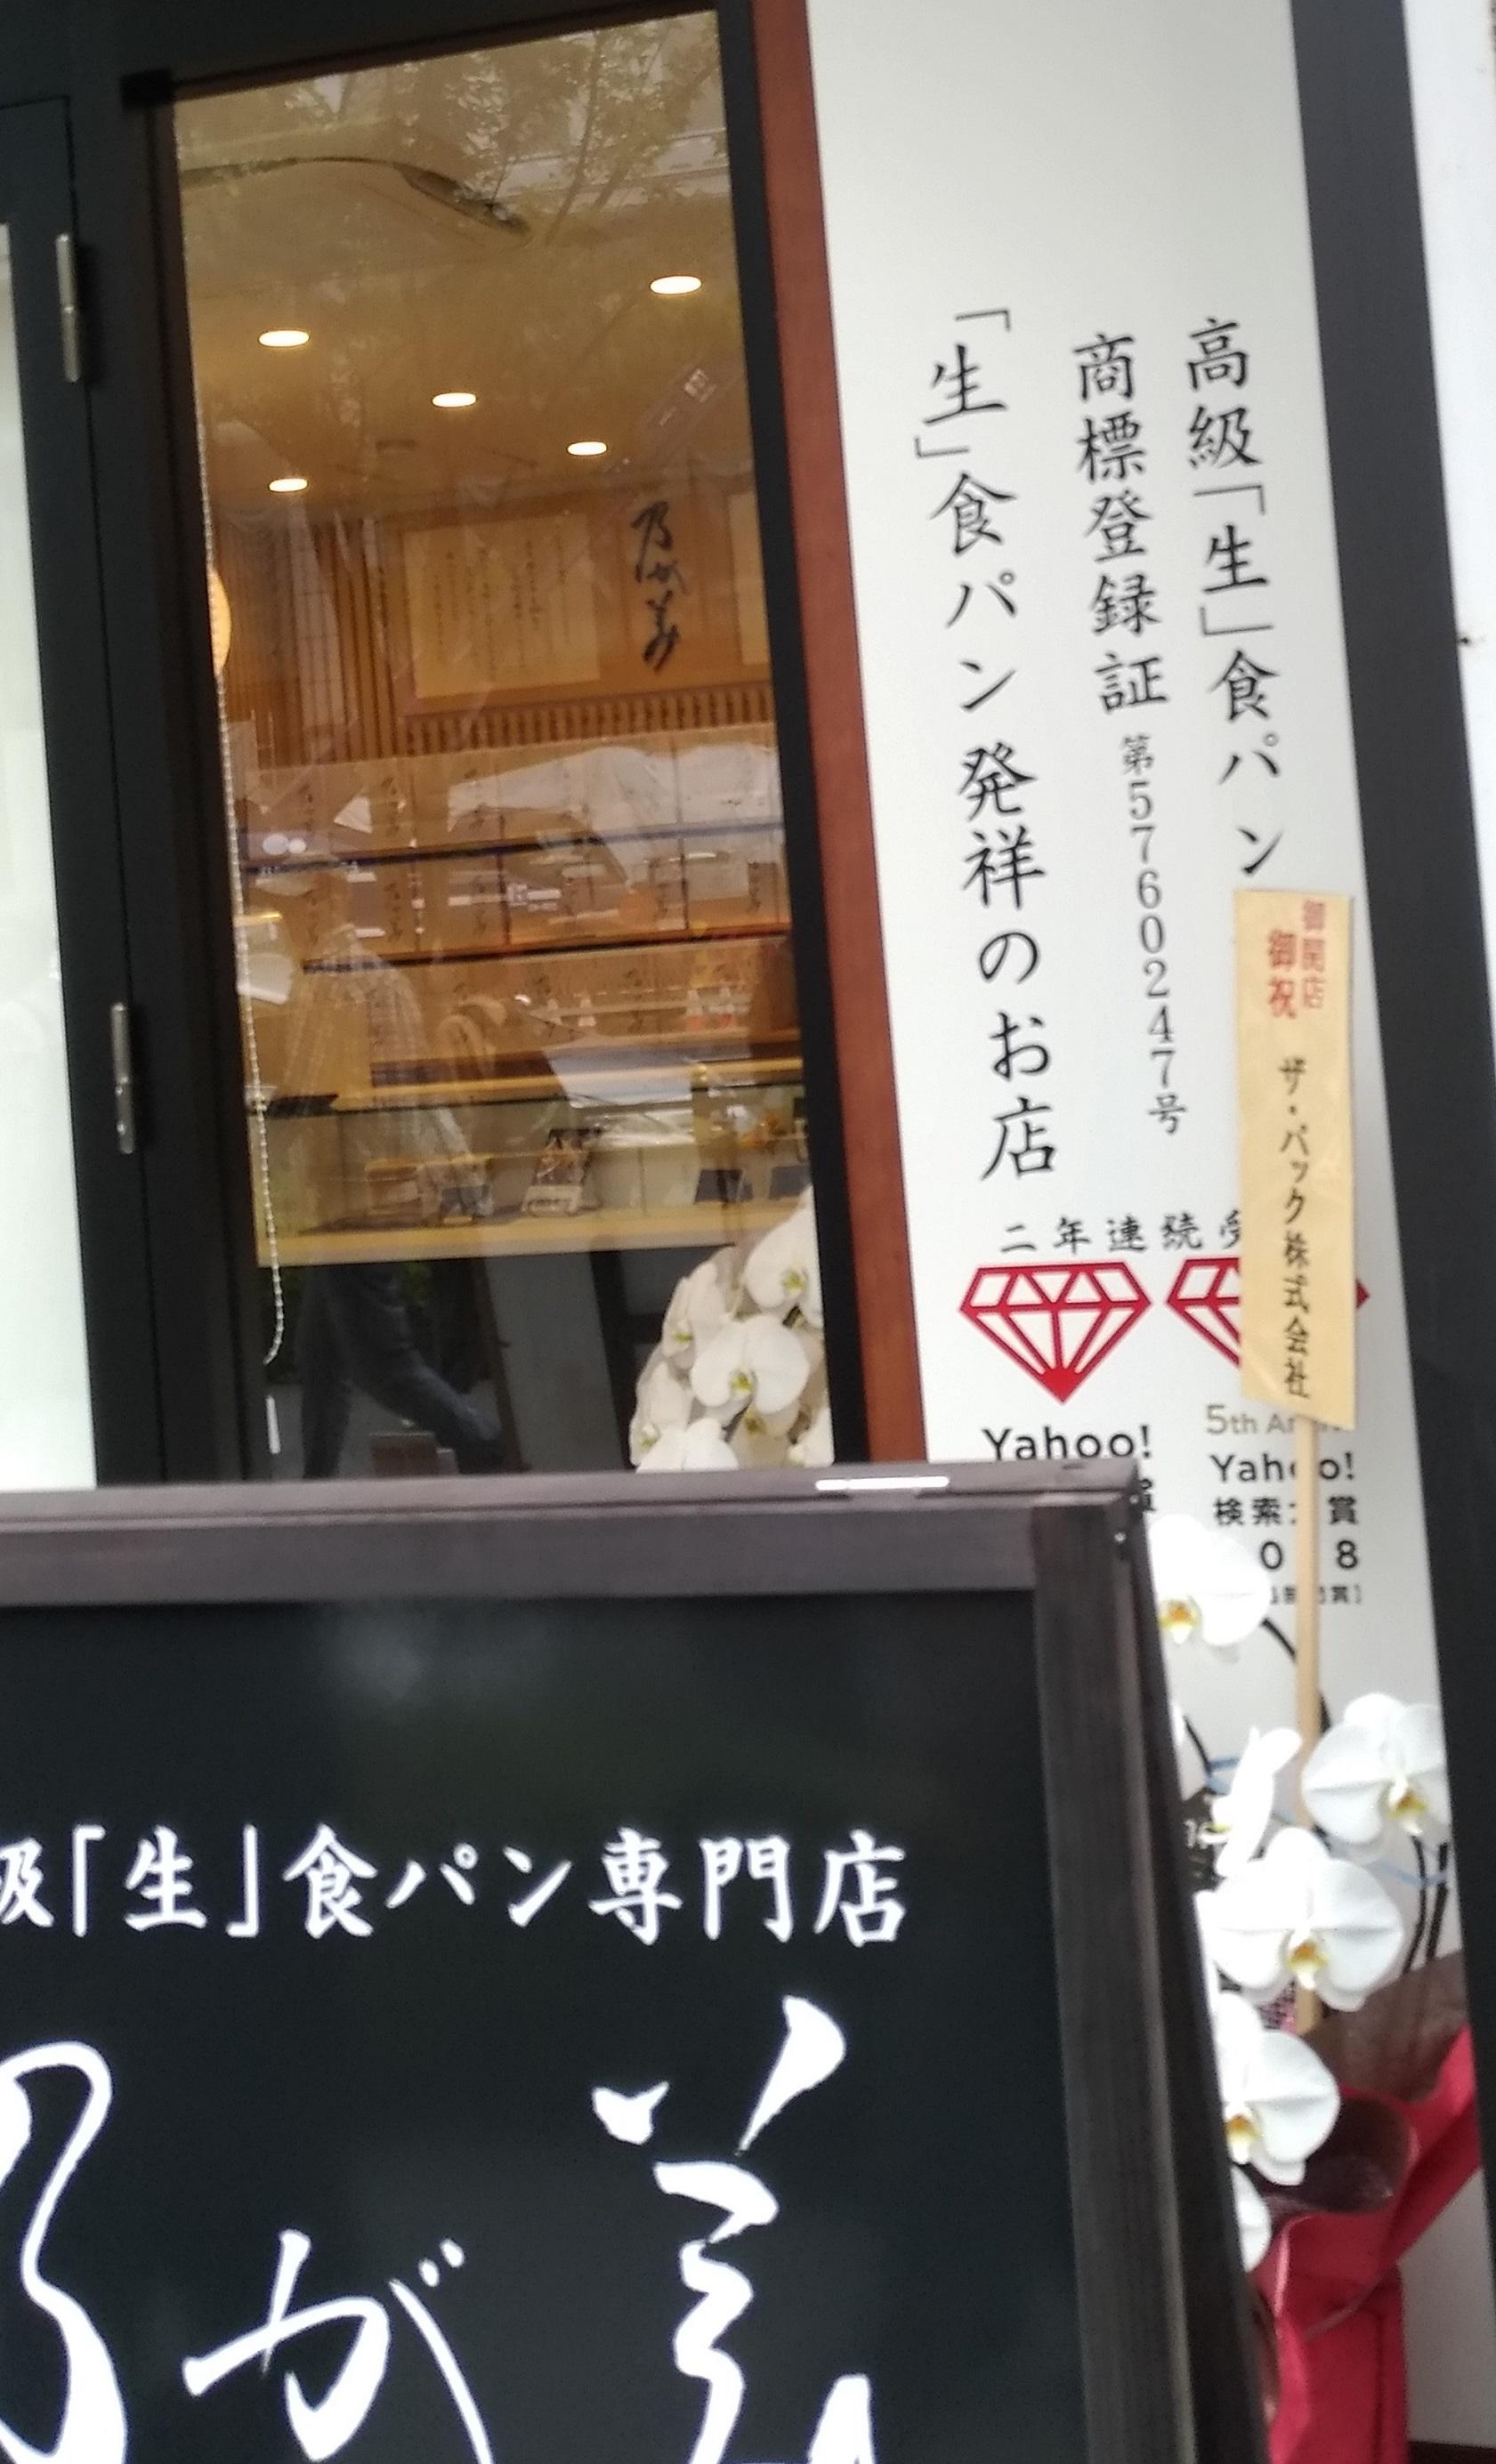 nogami_osaka_umeda_shokupan_1.jpg